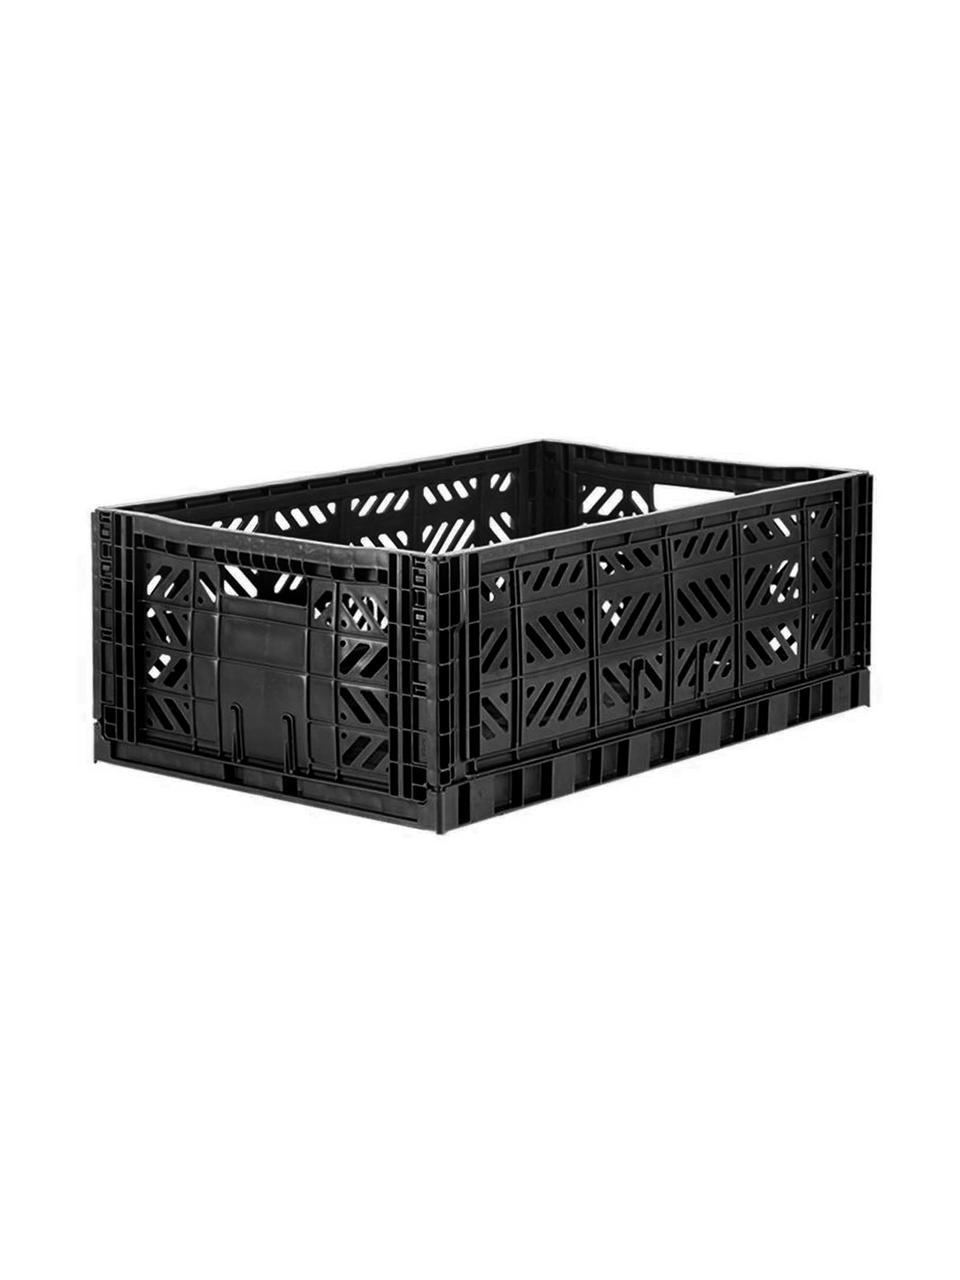 Cestino pieghevole, impilabile, grande Black, Materiale sintetico riciclato, Nero, Larg. 60 x Alt. 22 cm